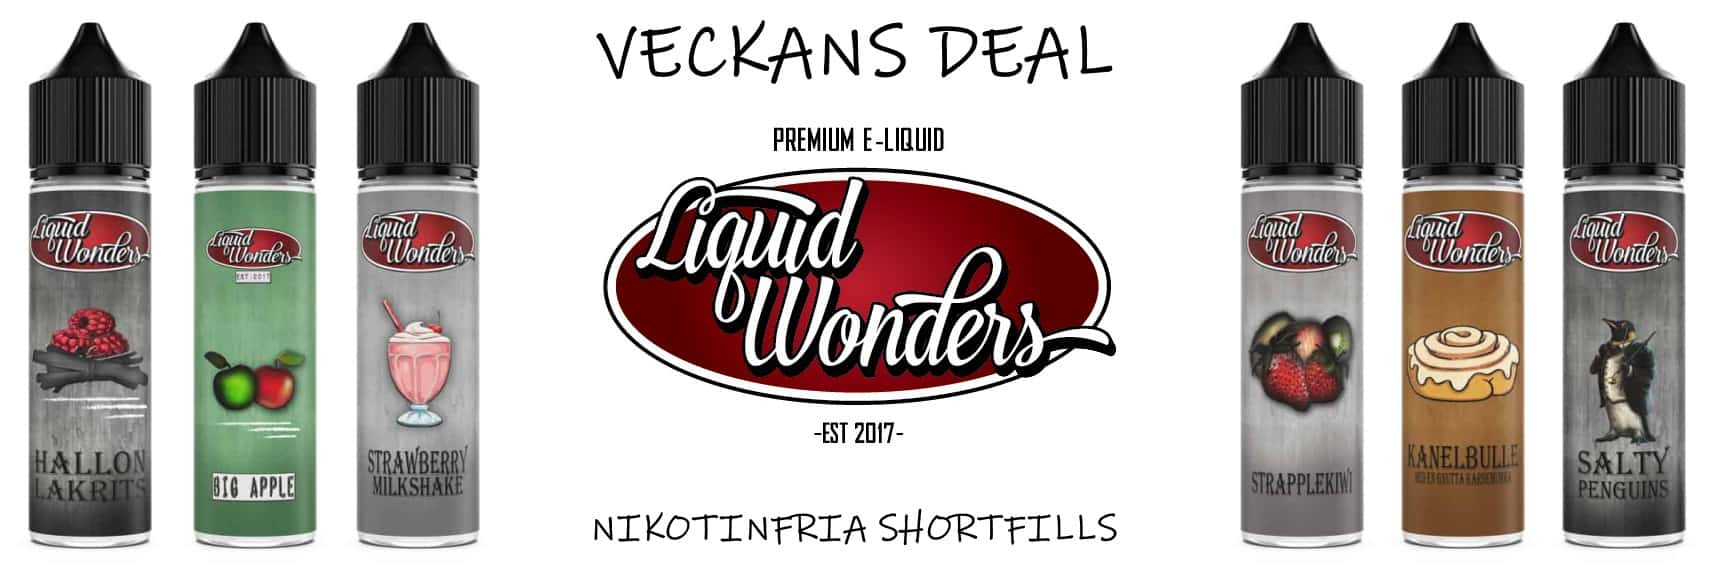 Liquid Wonders Deal Slide